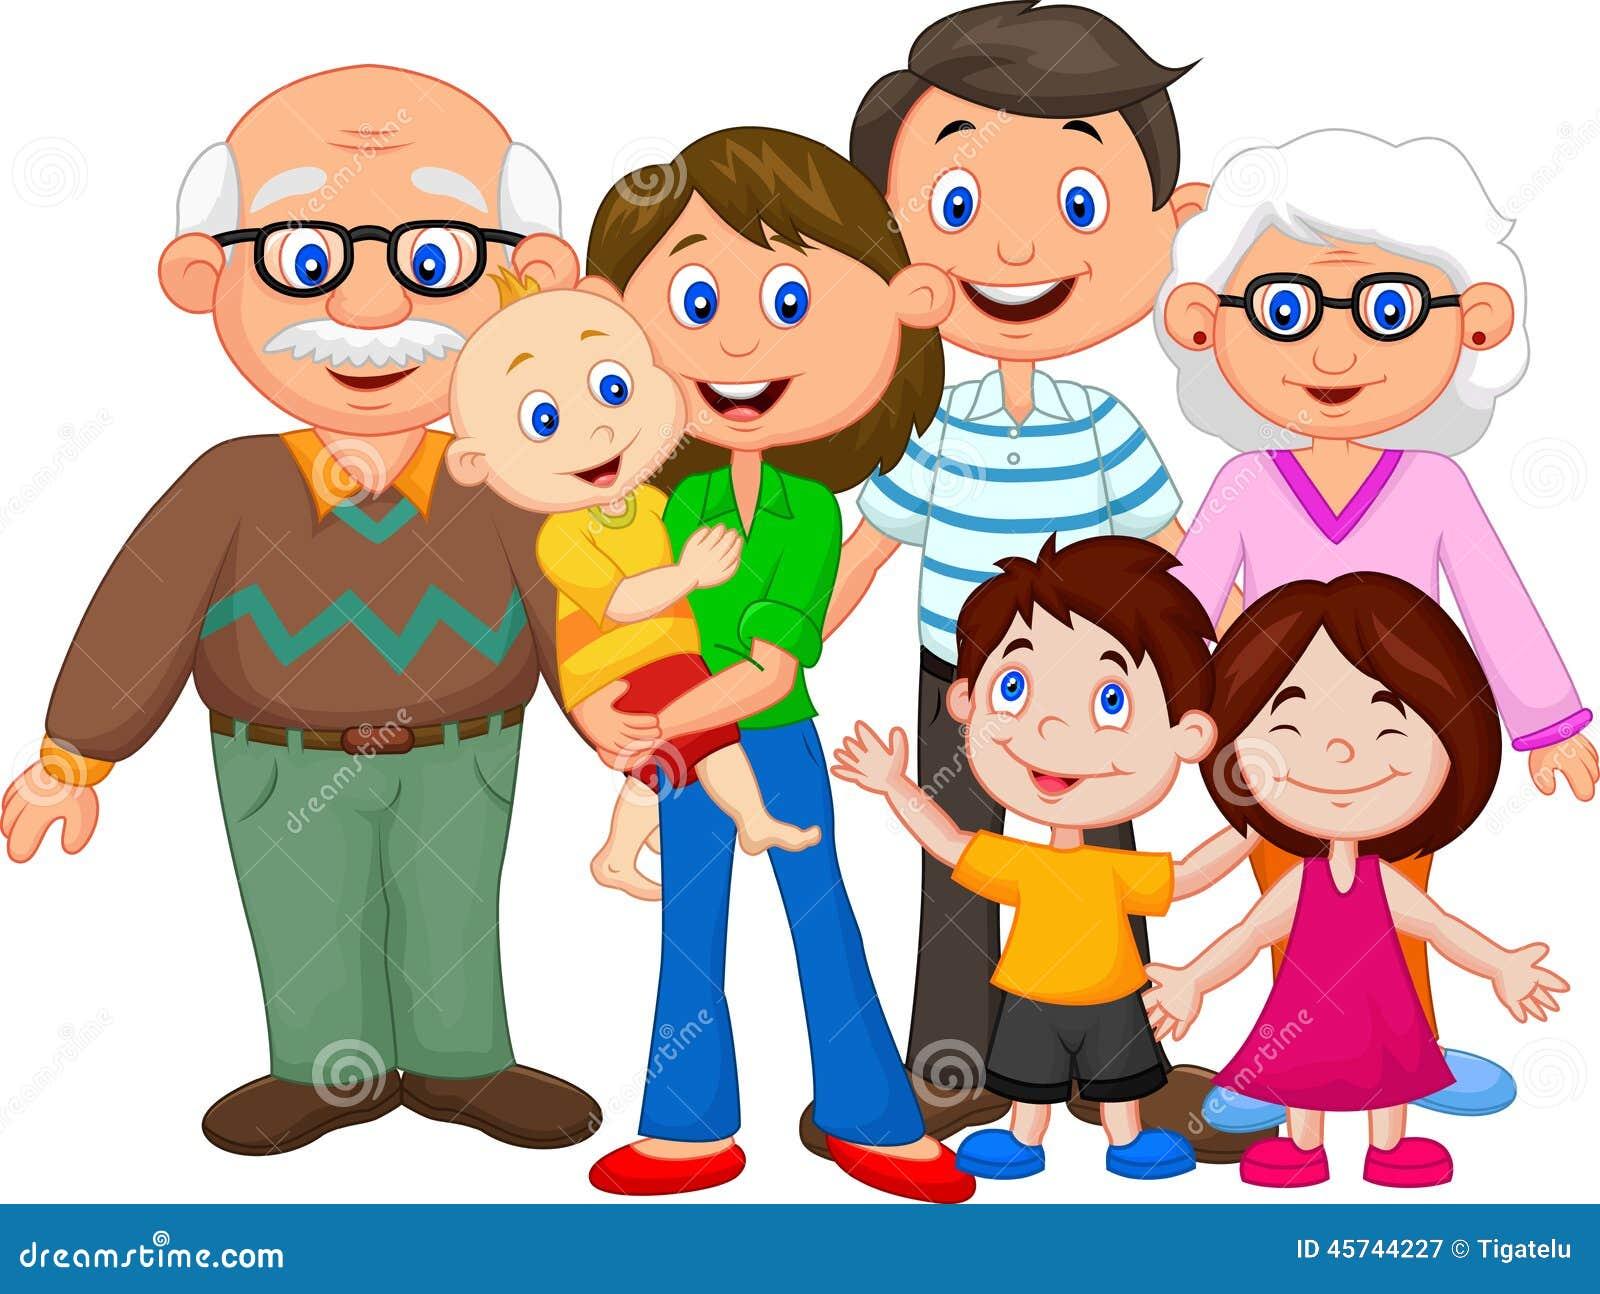 Happy Family Animation